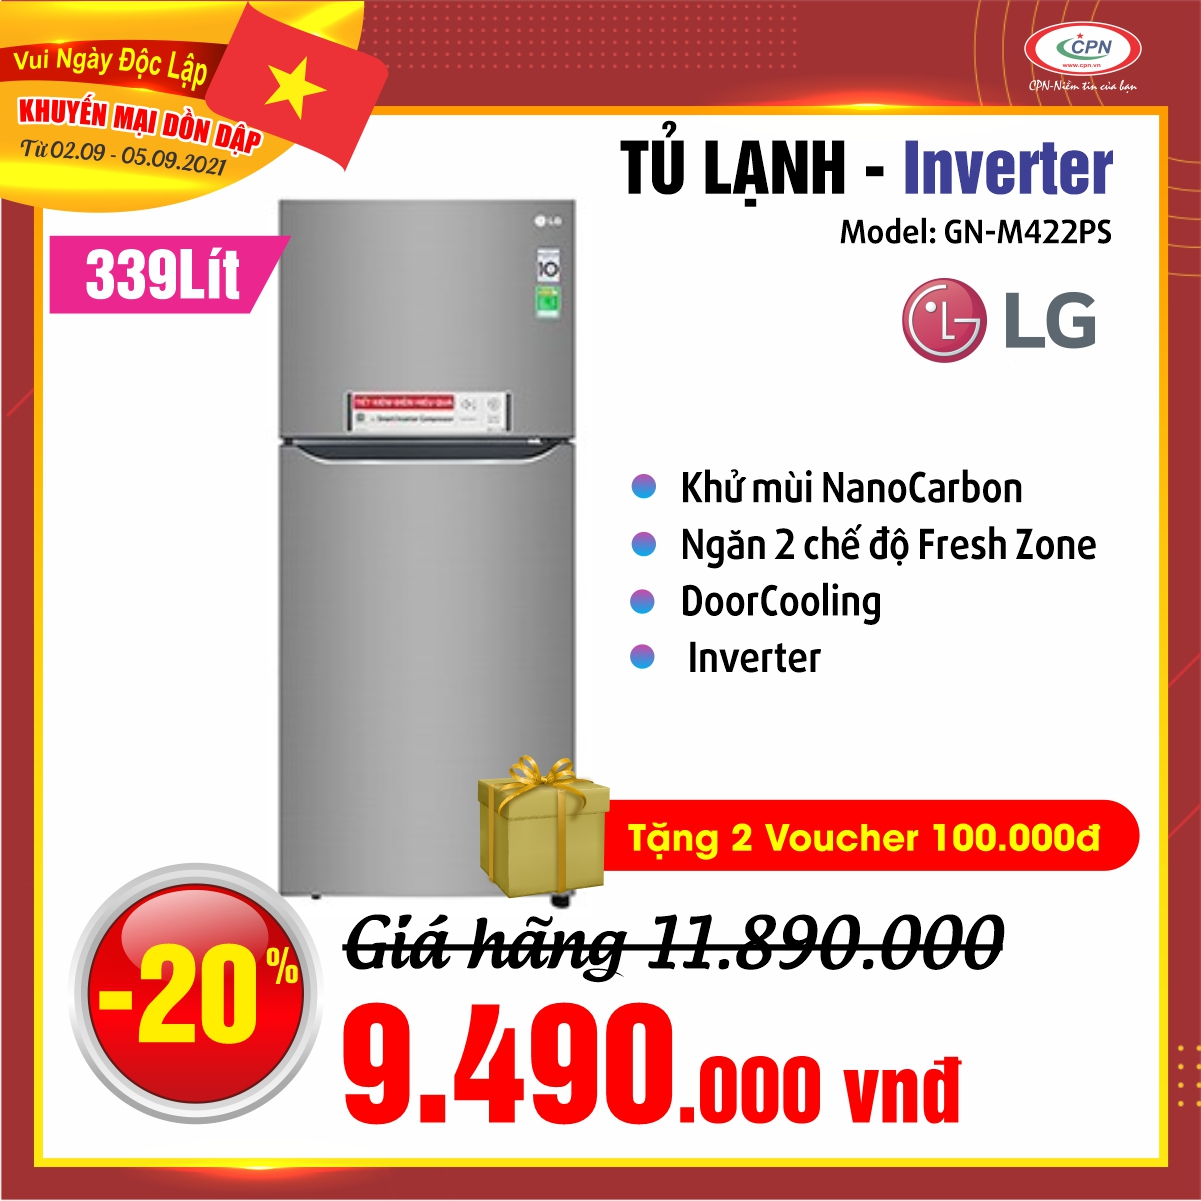 900x900-quoc-khanh-2021-gn-m422ps.jpg